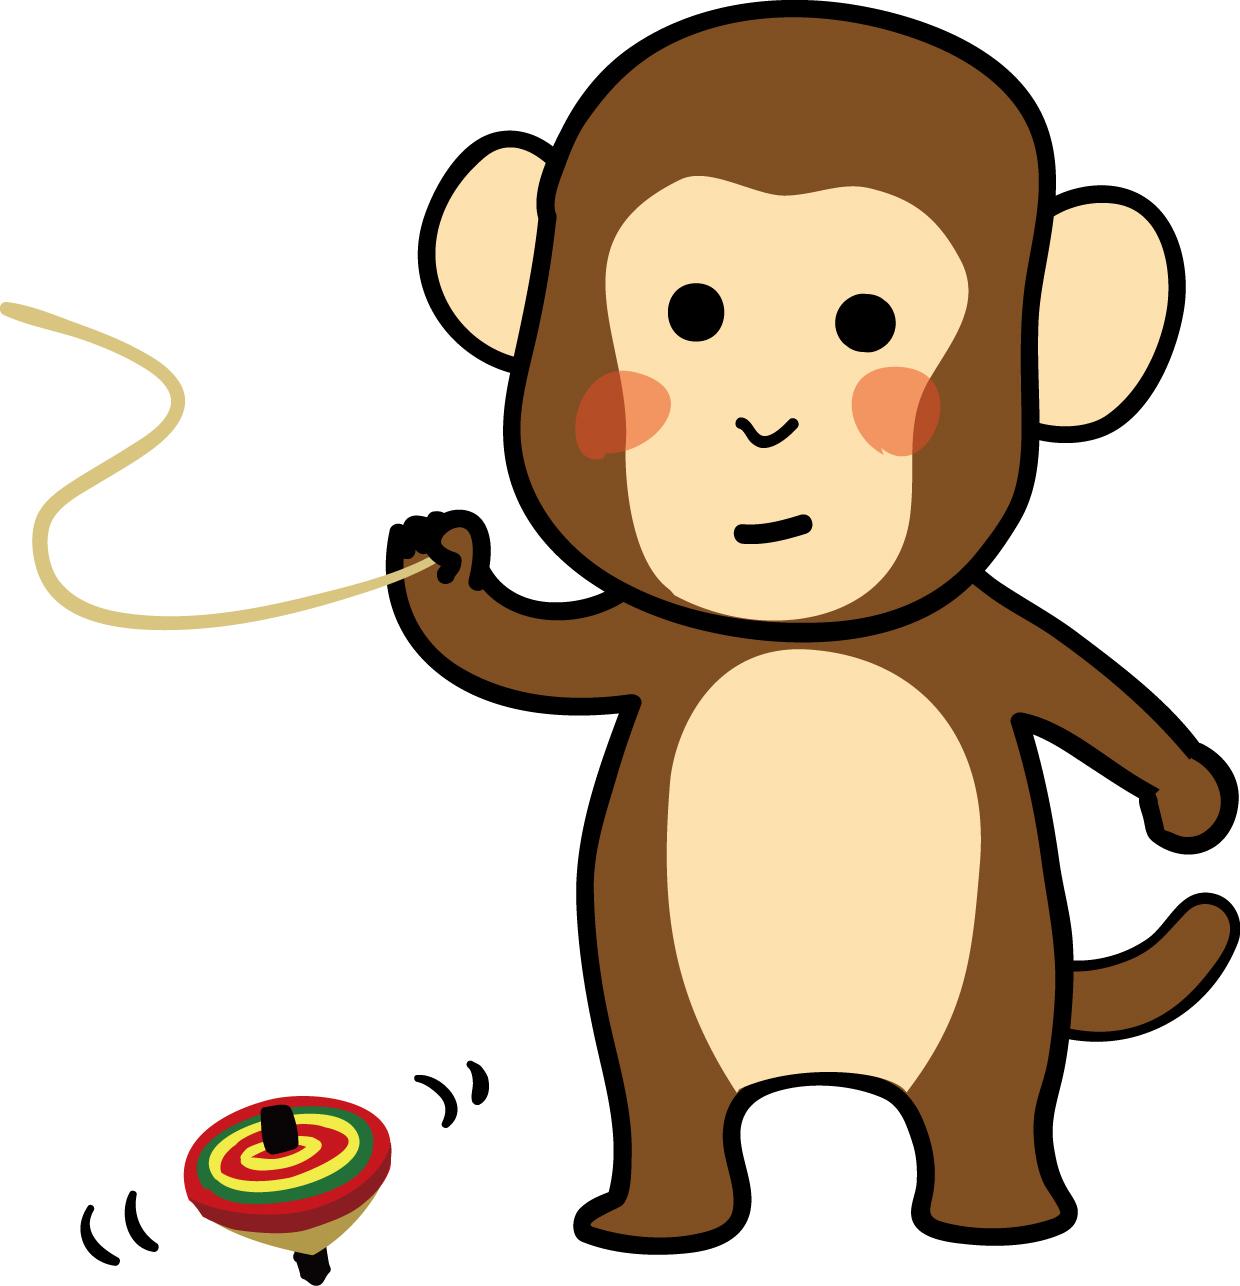 年賀状イラスト素材「申(さる)」お猿の駒まわしダウンロード